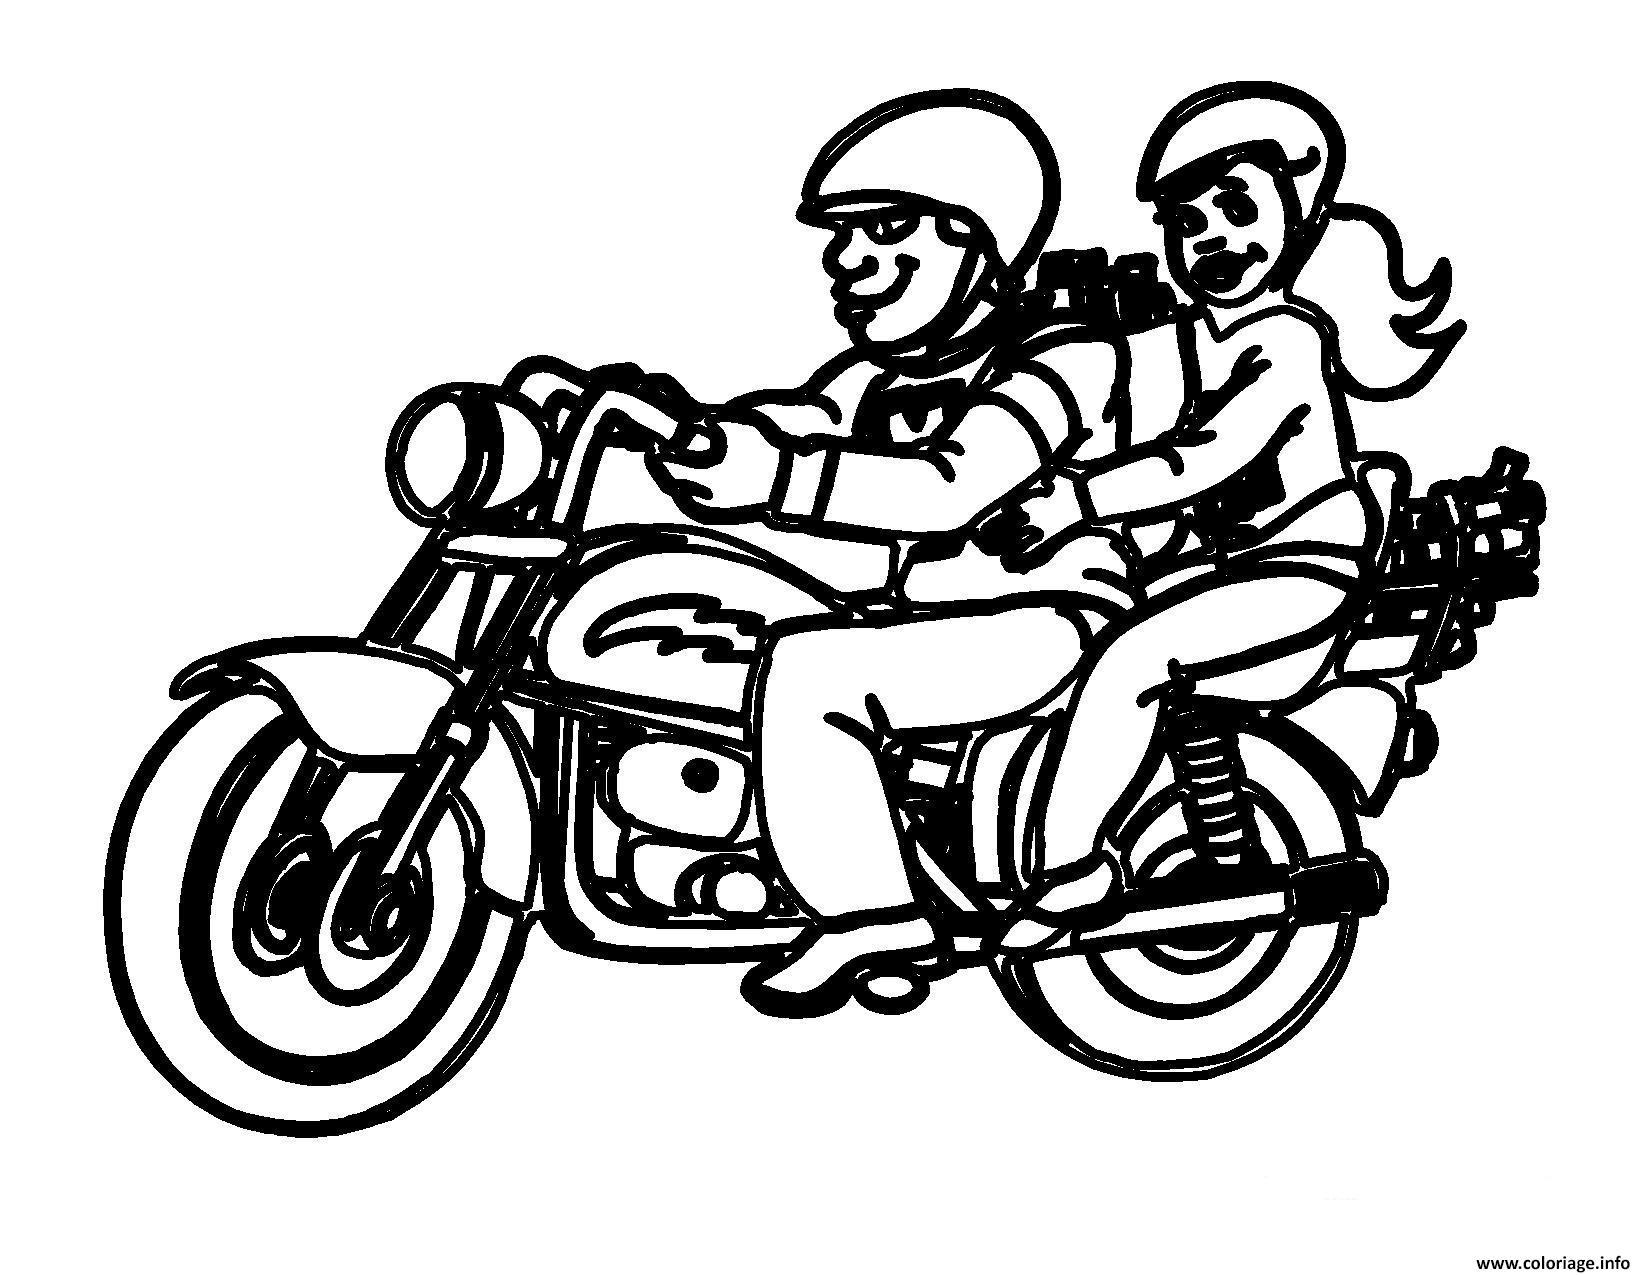 Dessin motocyclette 8 Coloriage Gratuit à Imprimer